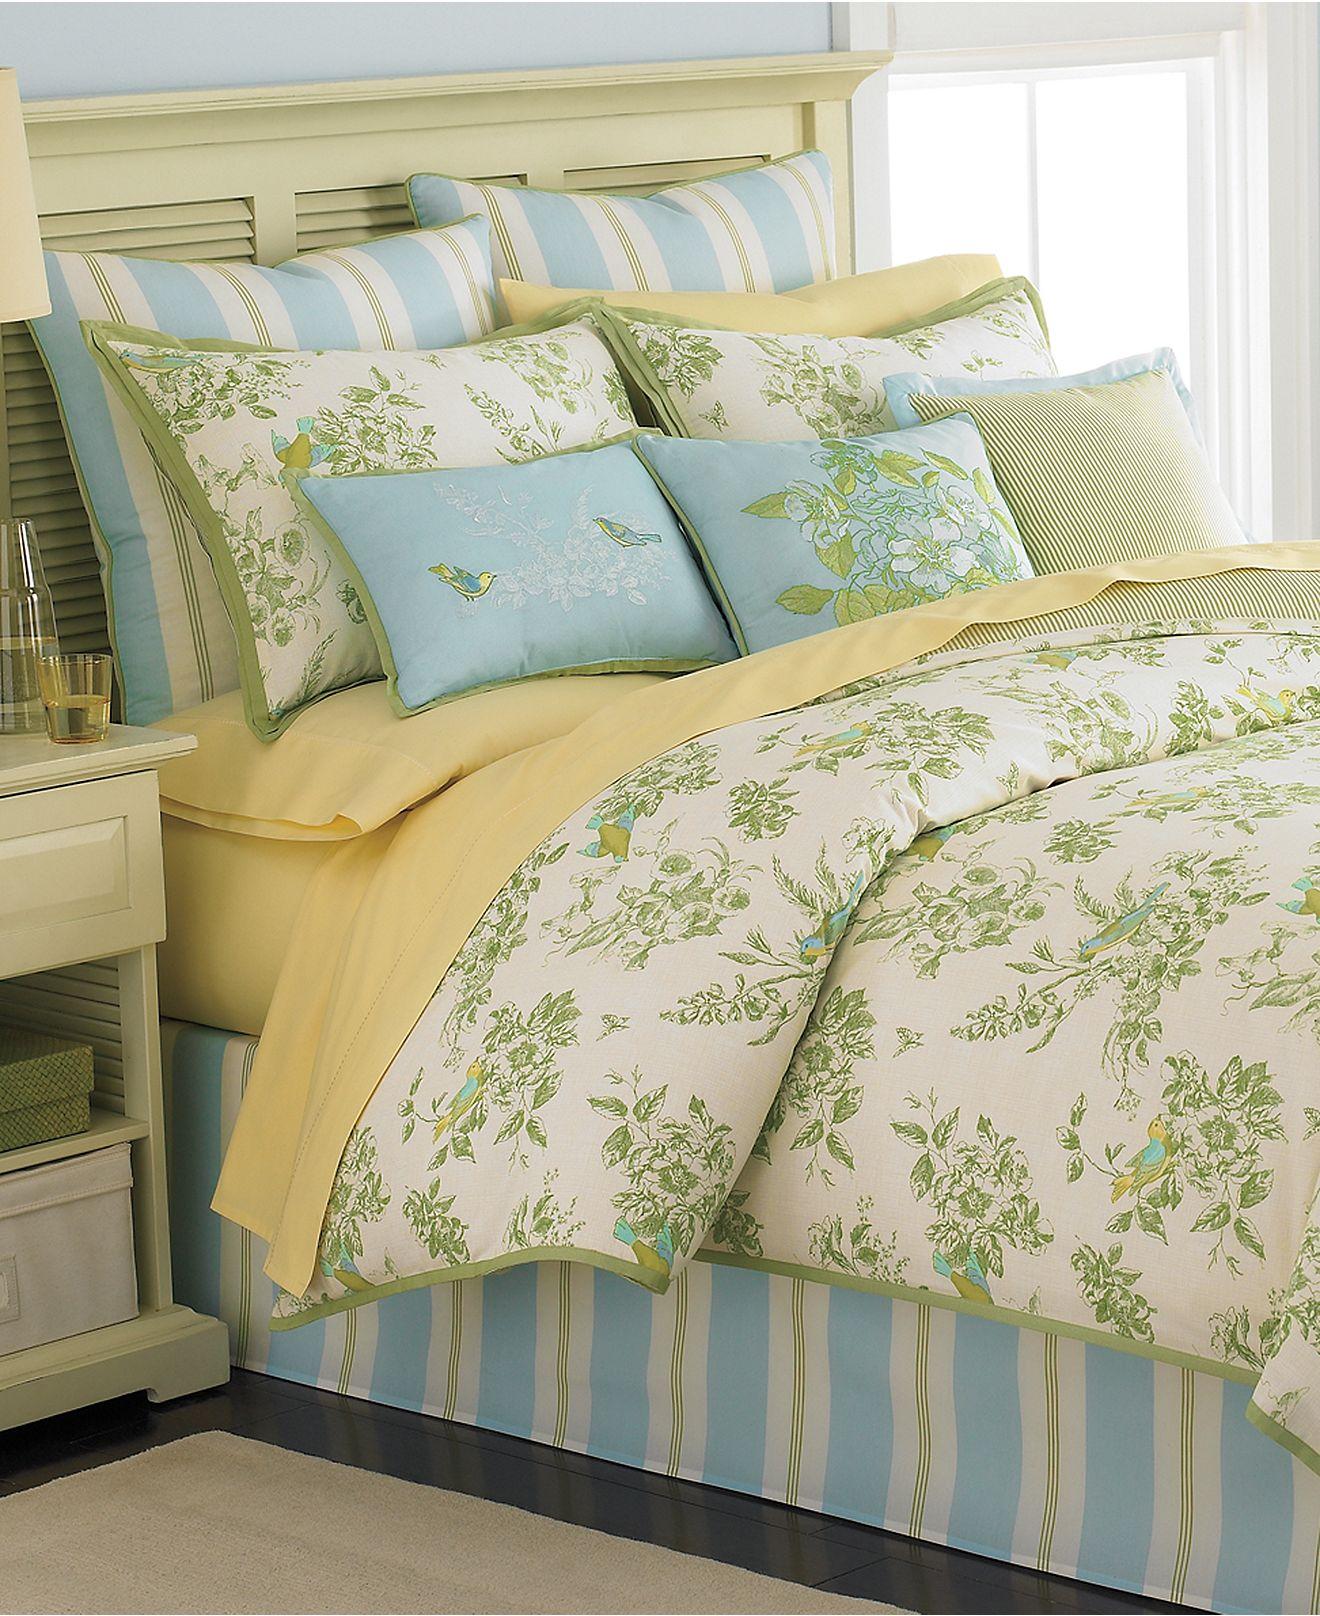 Martha Stewart Bedroom: Martha Stewart Collection Bedding, Bluebird Garden 6 Piece